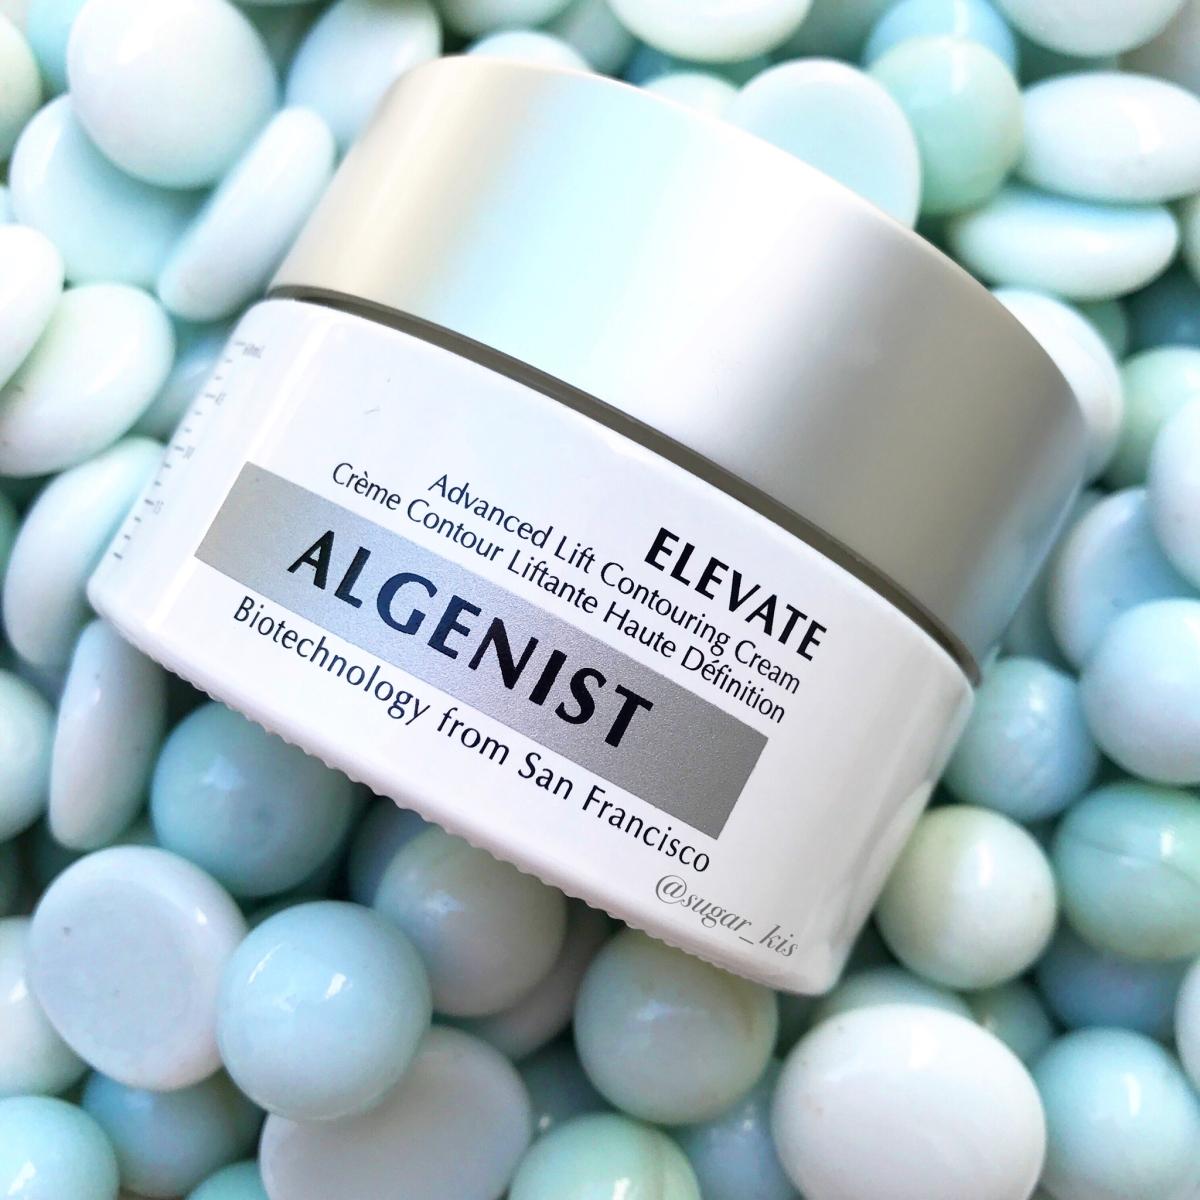 Algenist Elevate Contouring Cream Review.